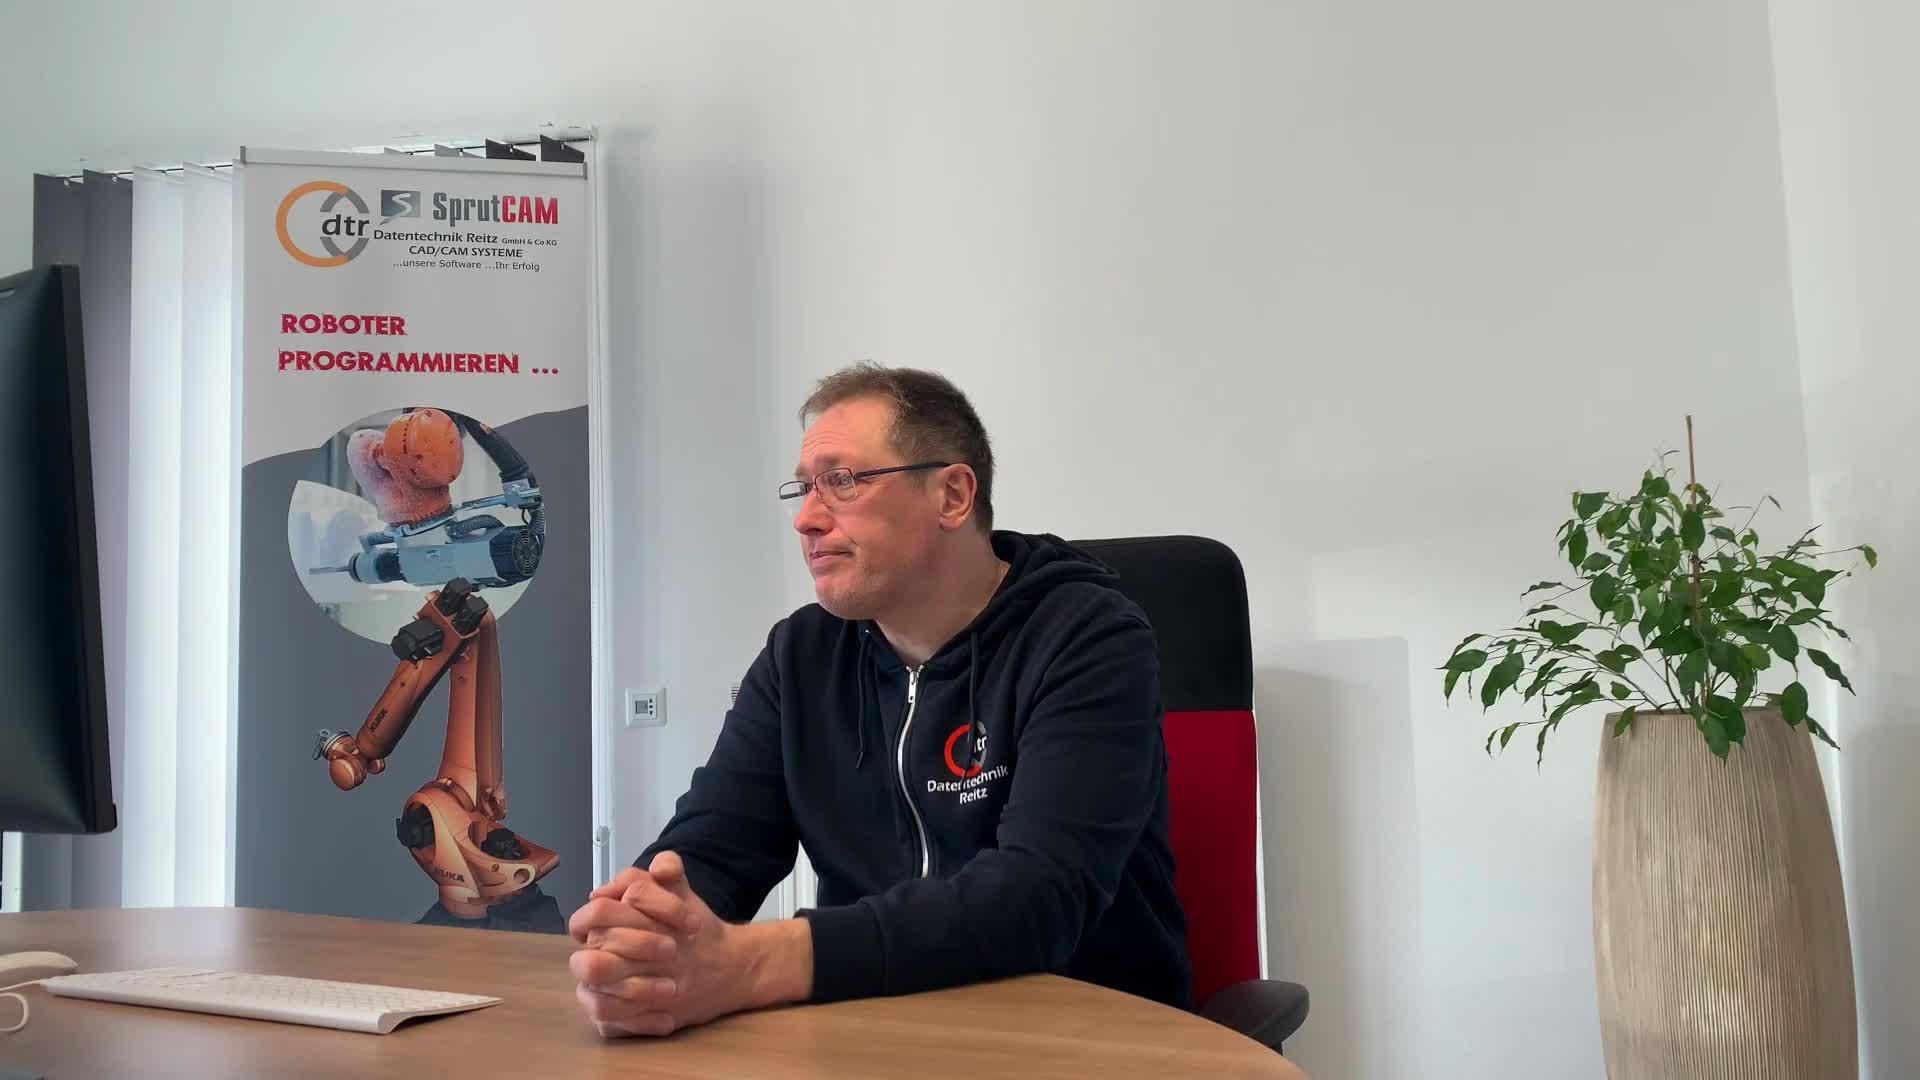 25 Jahre Datentechnik Reitz - Interview Teil 2/6